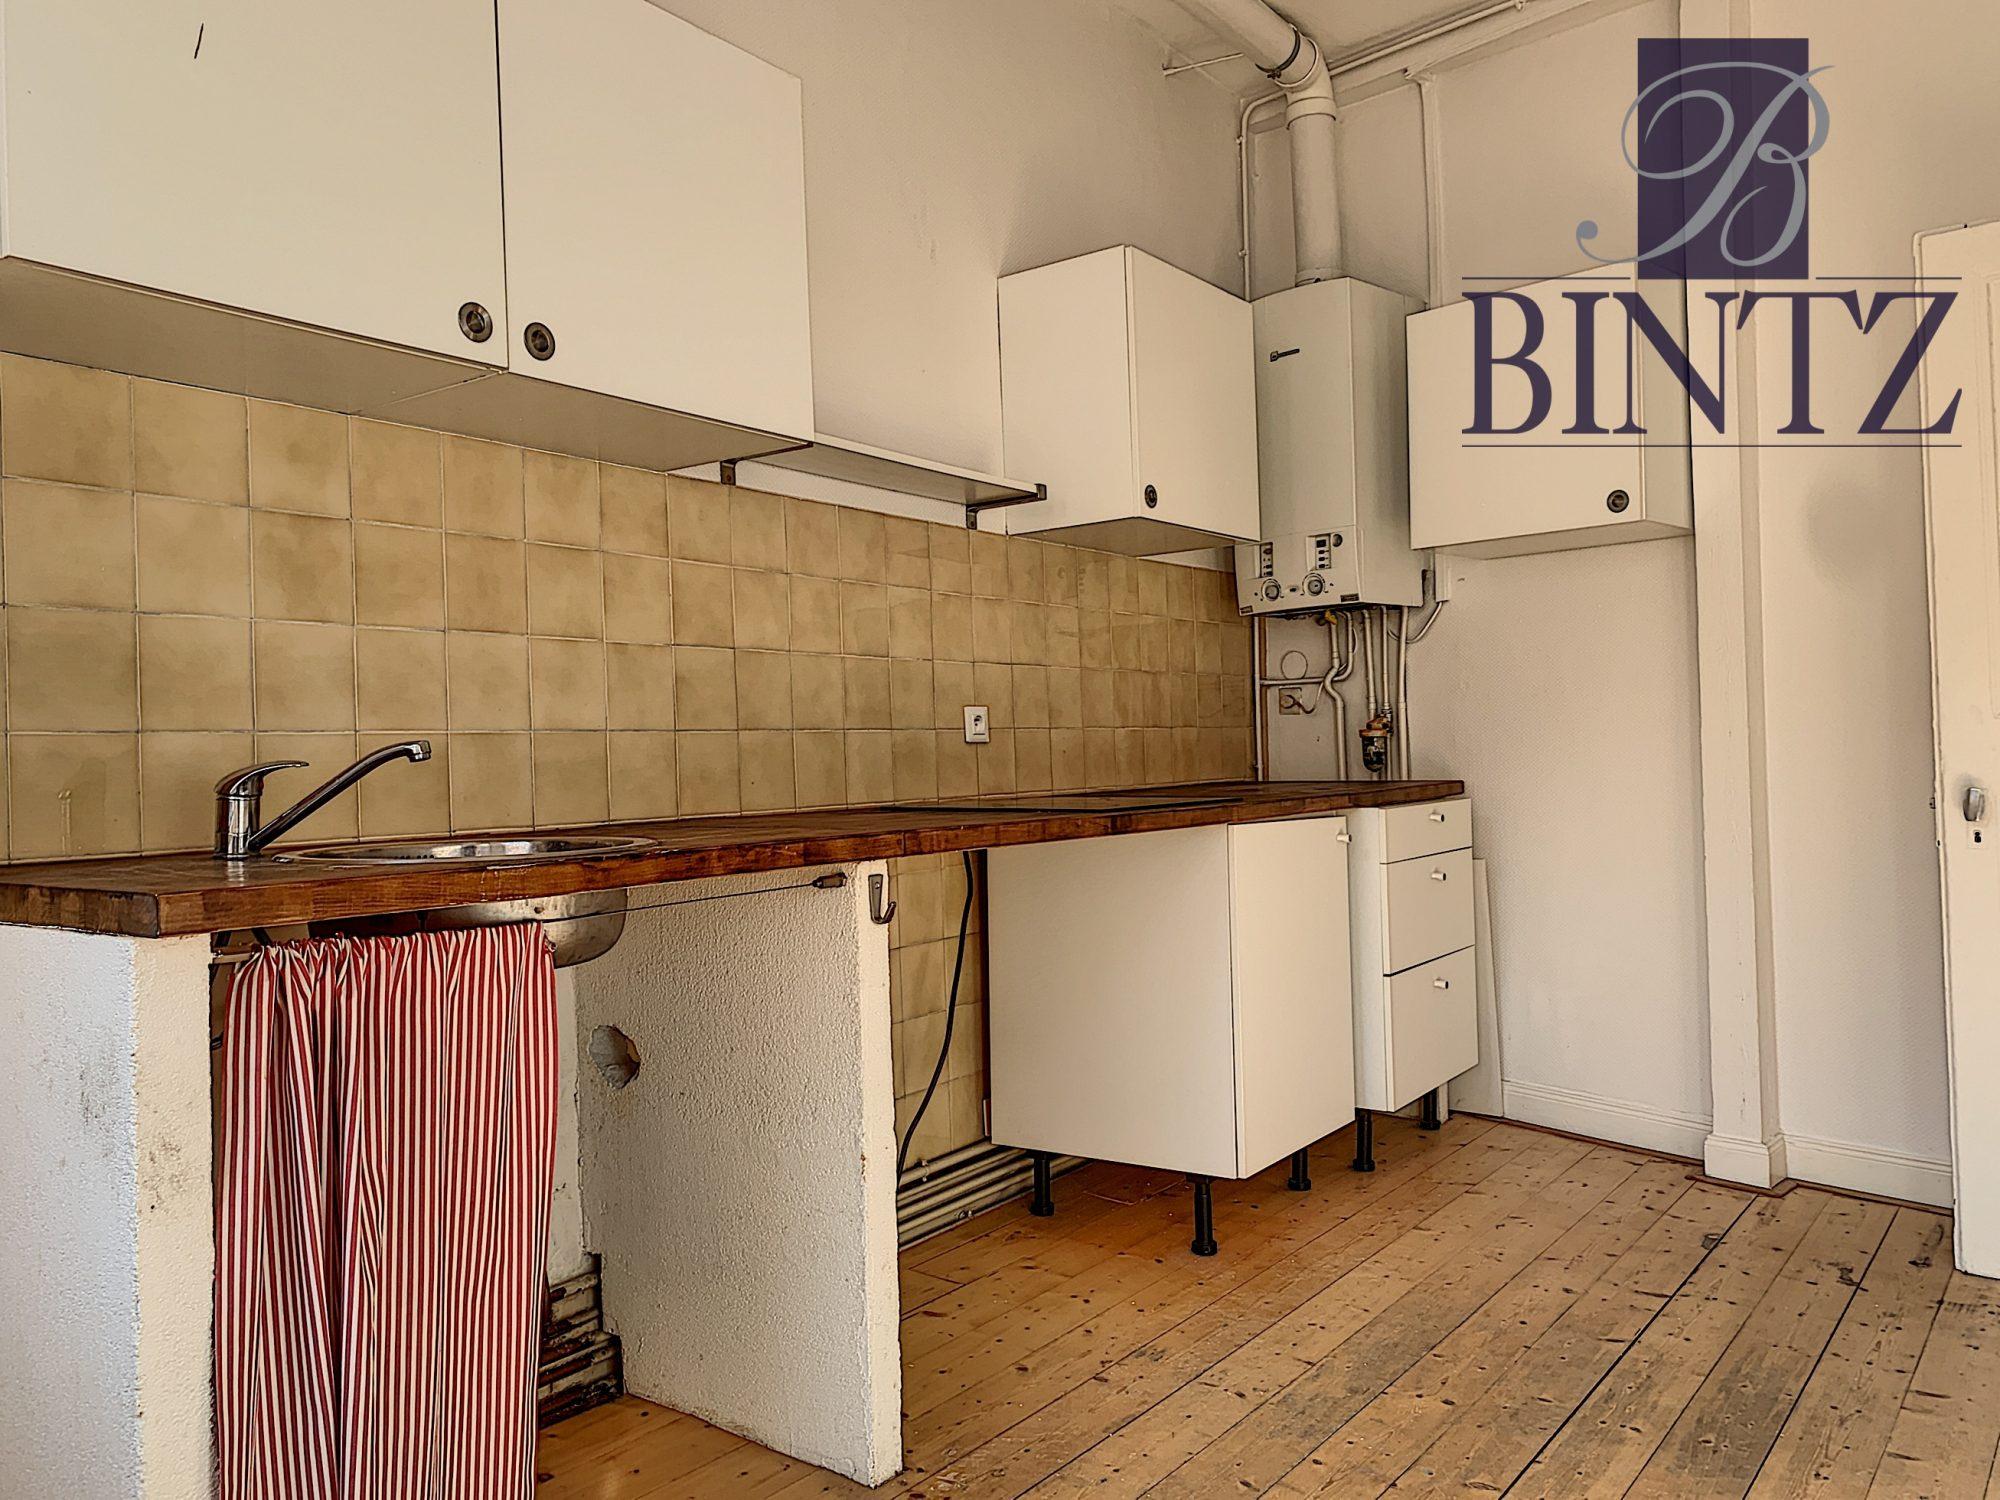 2 PIÈCES RUE DE ZURICH - Devenez locataire en toute sérénité - Bintz Immobilier - 11